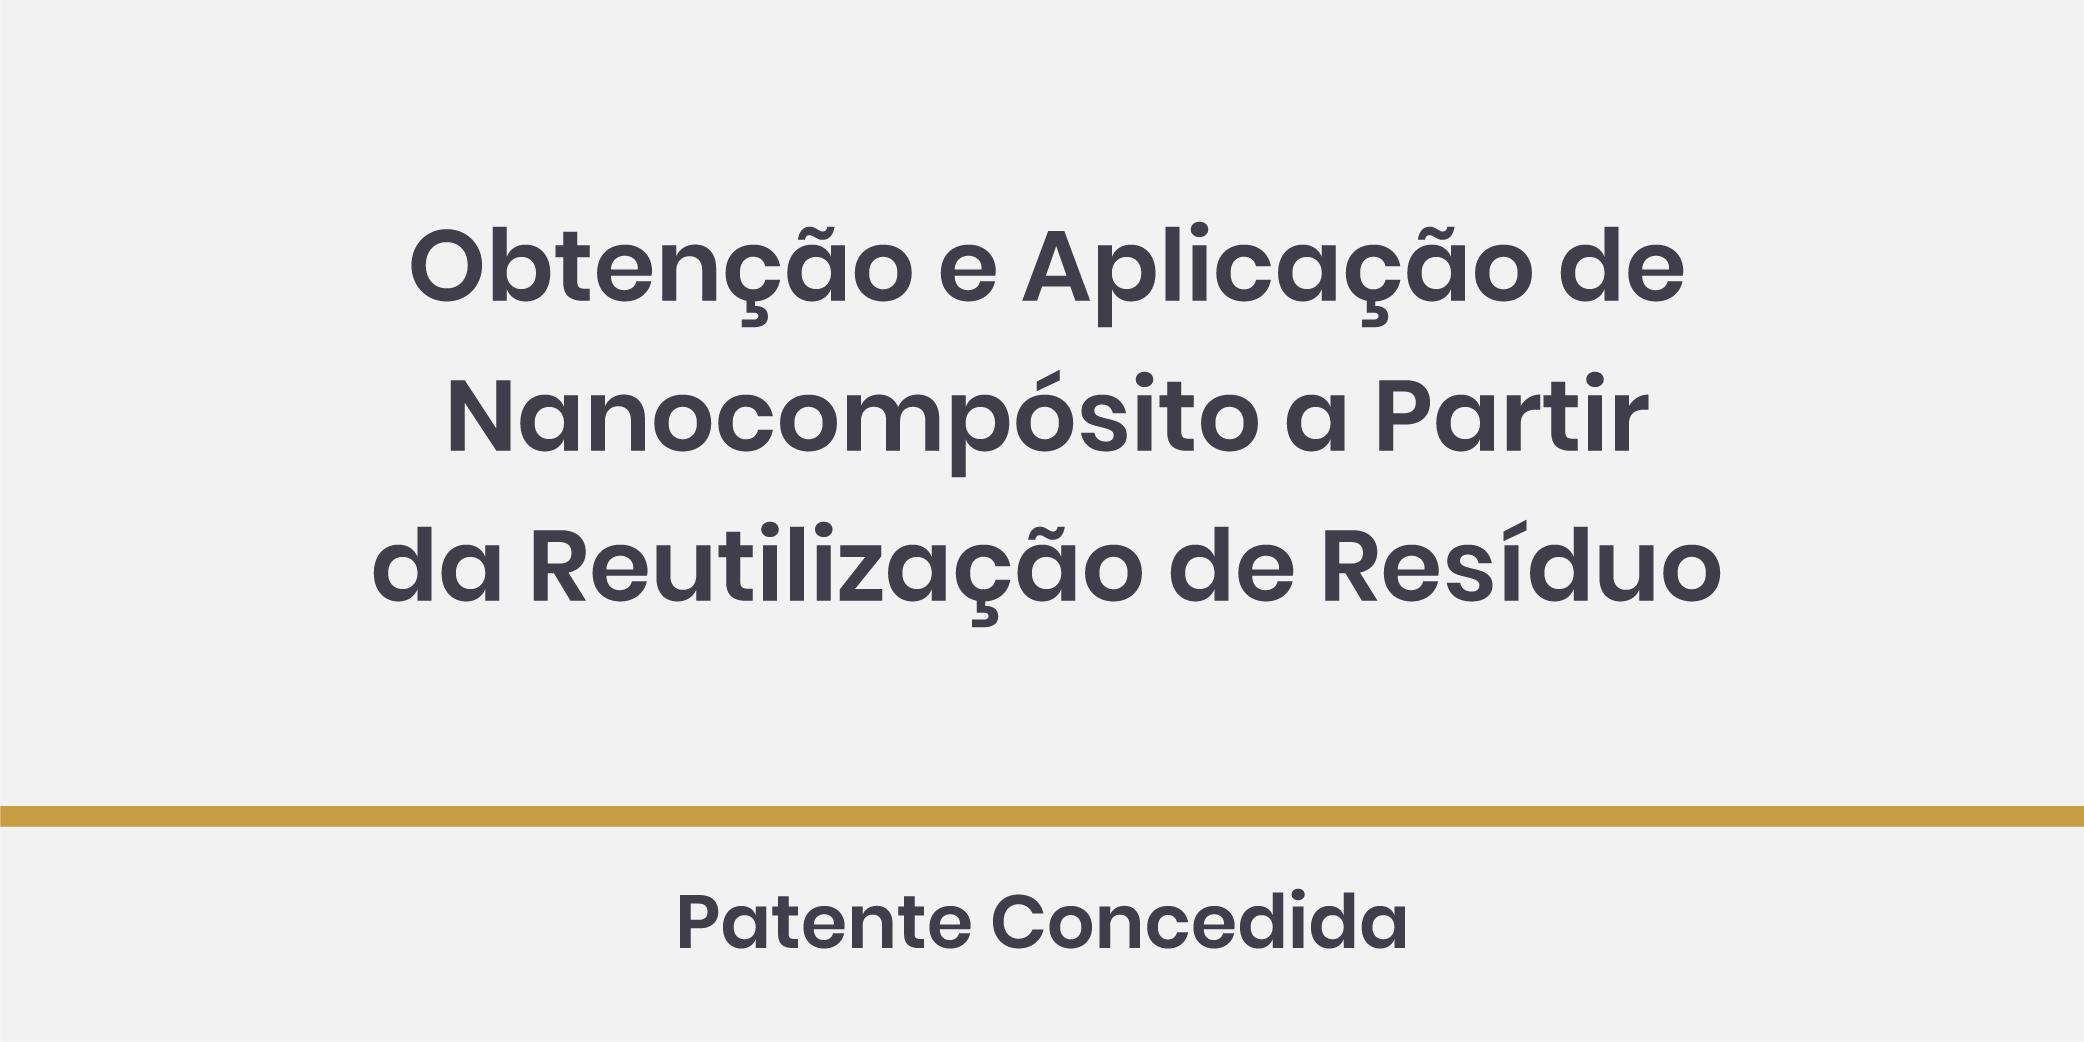 Obtenção e Aplicação de Nanocompósito a Partir da Reutilização de Resíduo; Patente Concedida.